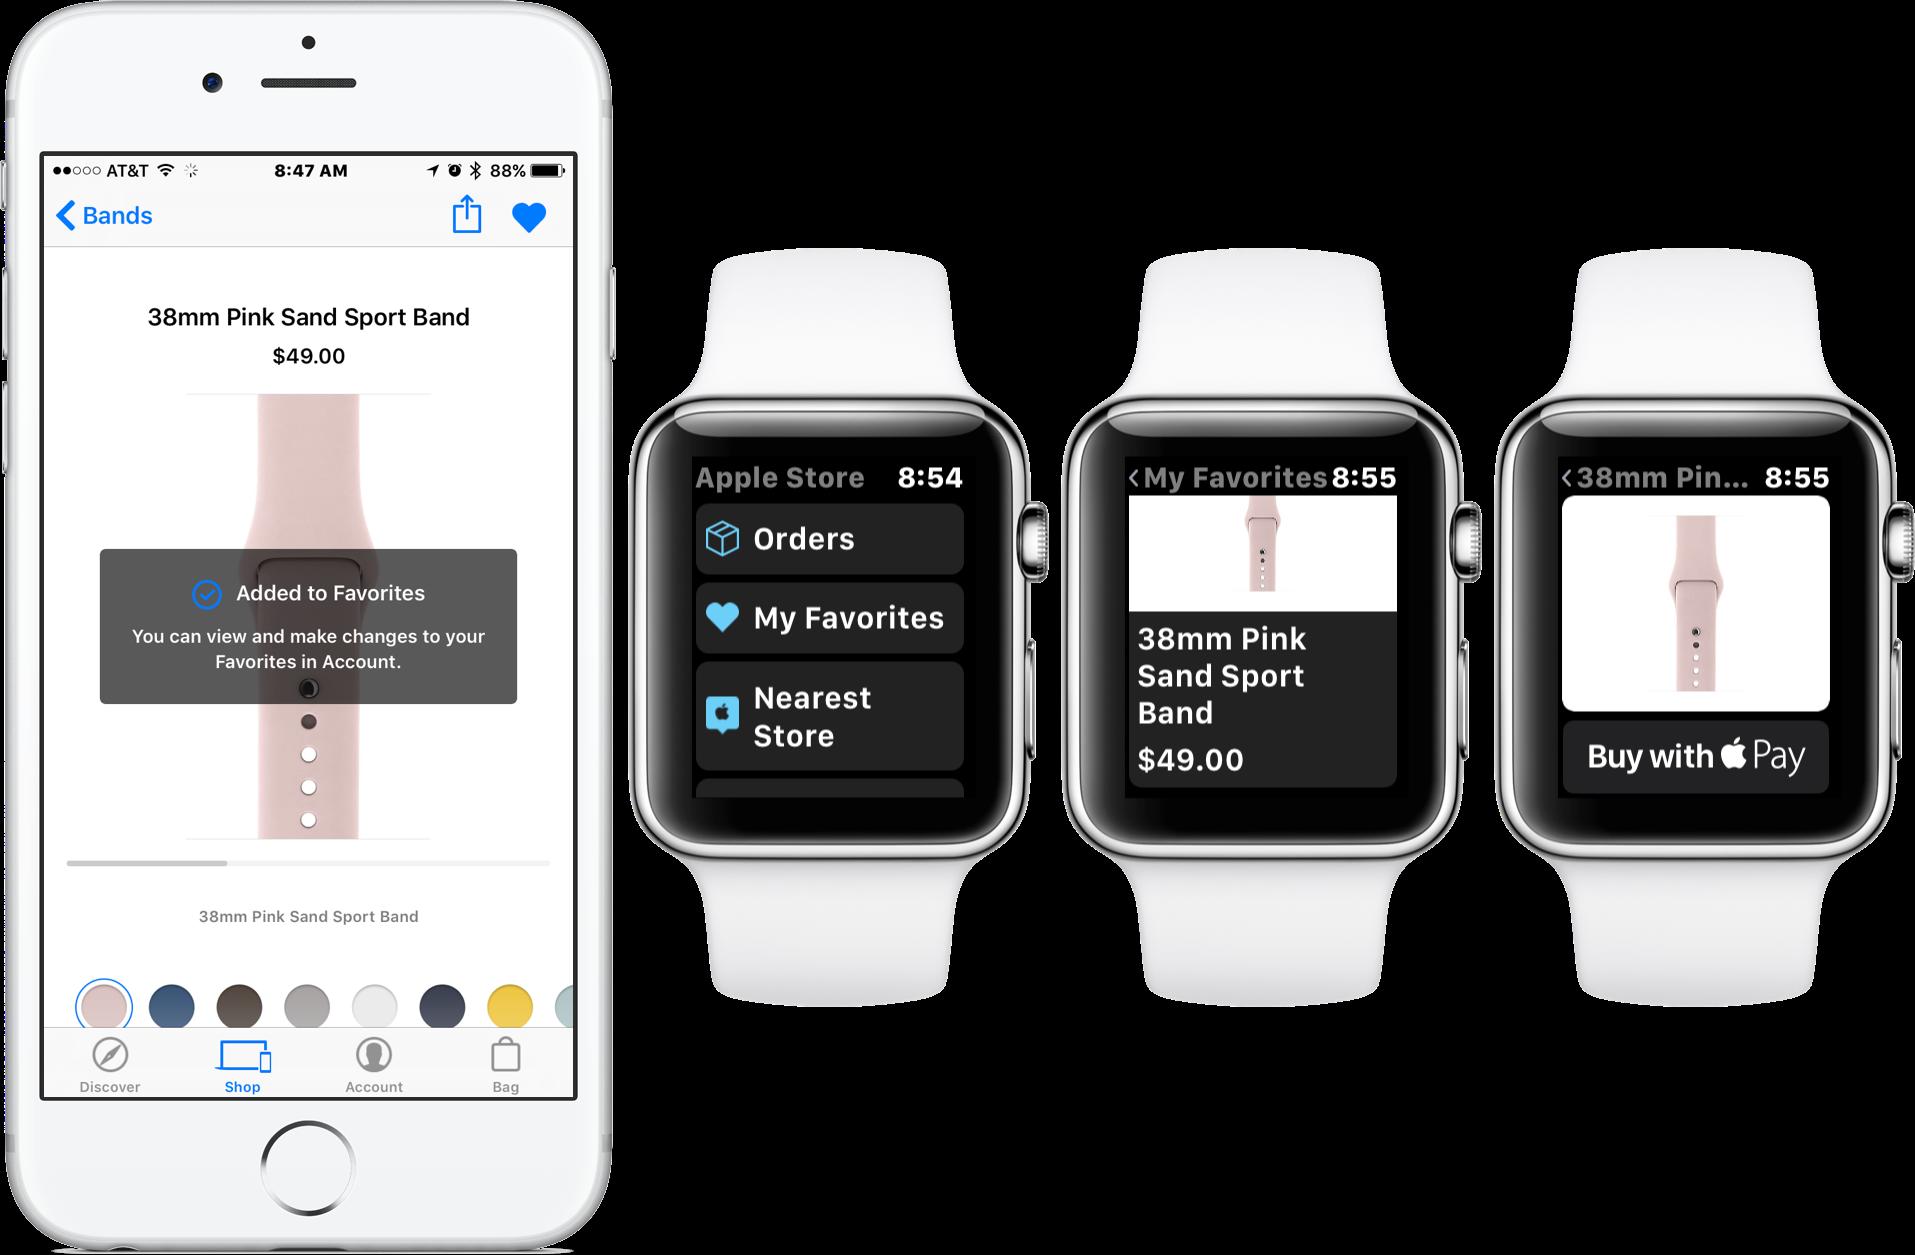 Apple Watch向けのApple Storeアプリで商品の購入が可能に!今後のWatchアプリの新たな収益モデルになるか?